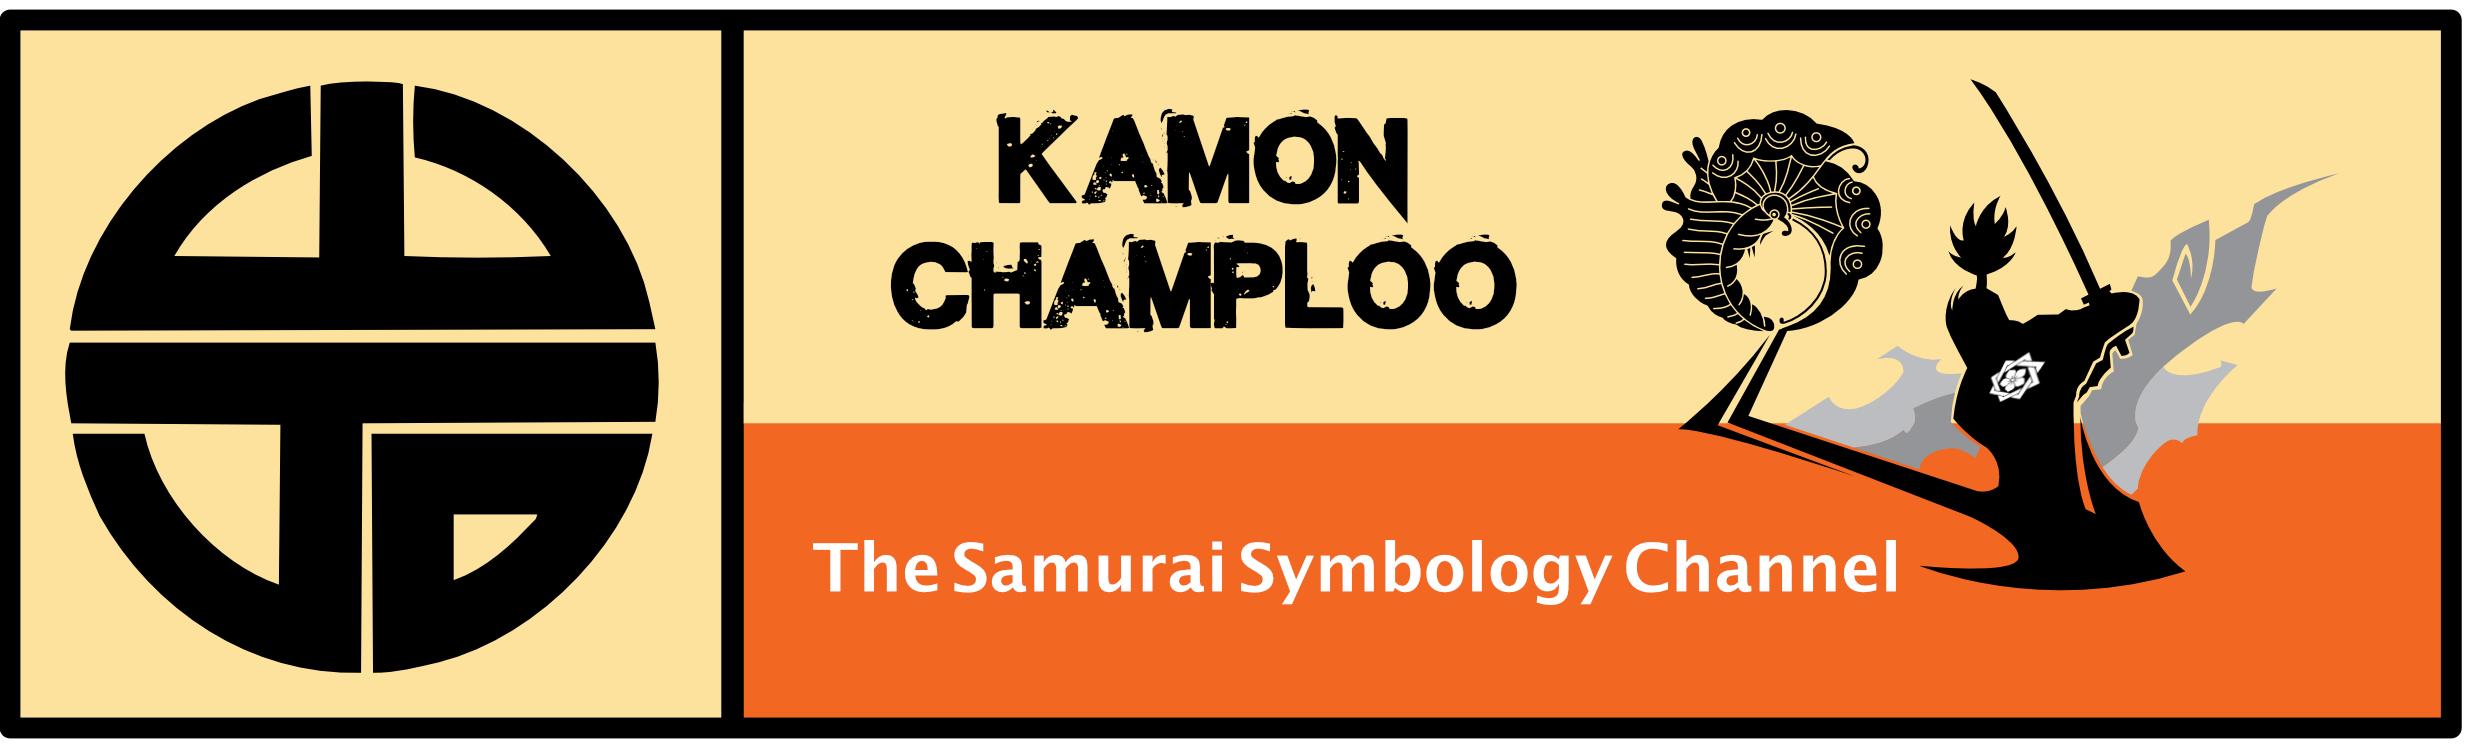 Kamon Champloo: découvrez l'incroyable histoire de l'héraldique japonaise